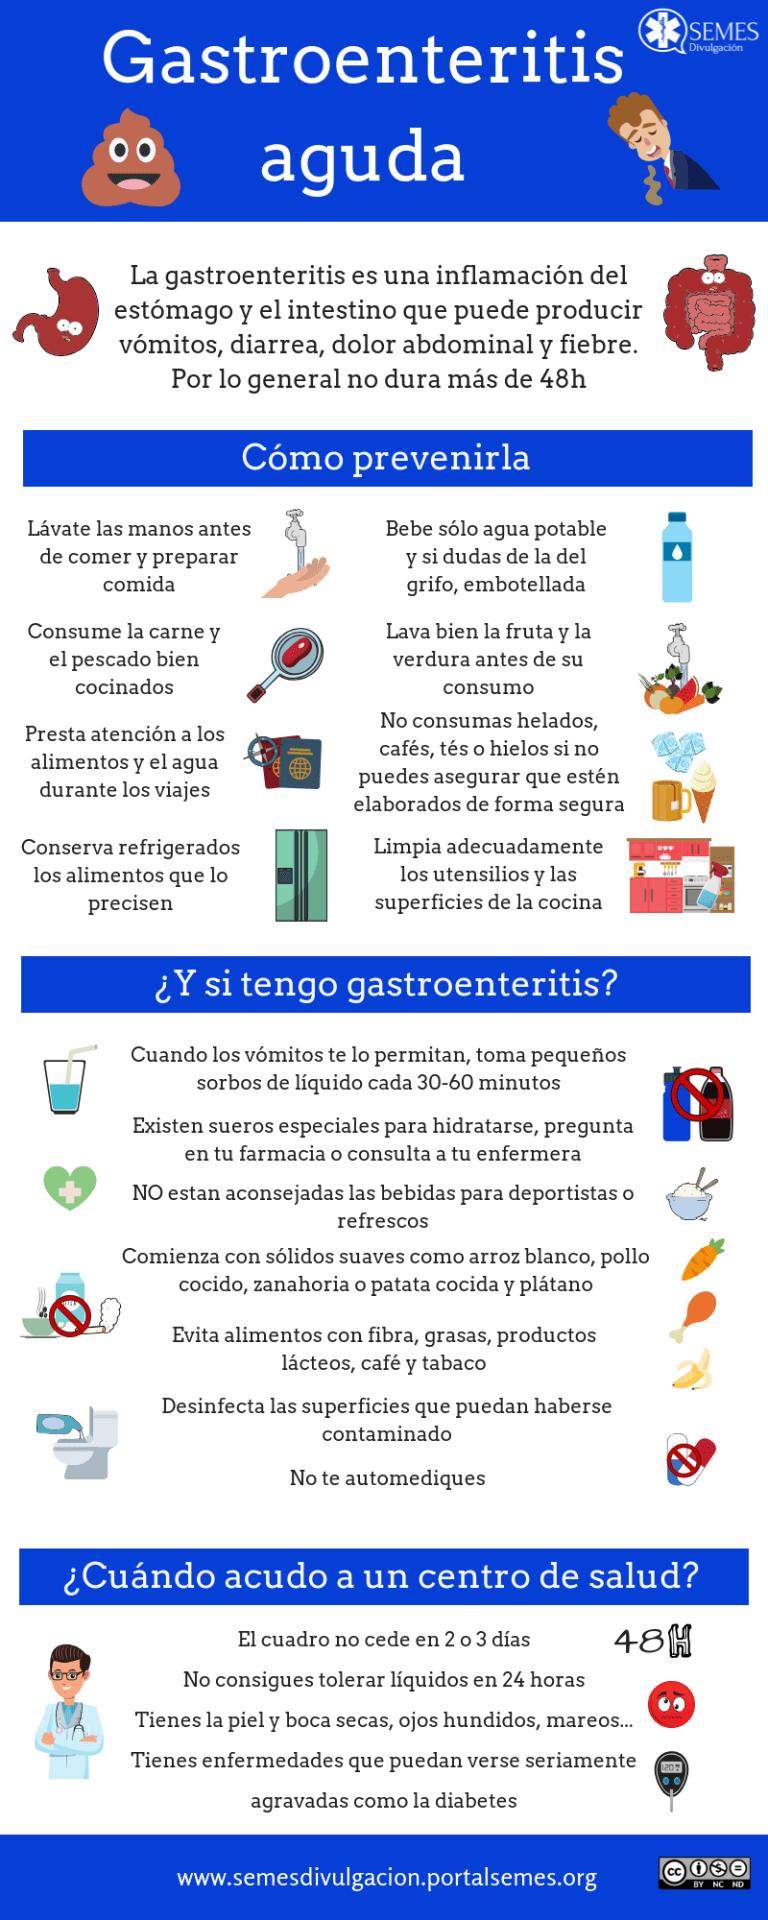 Gastroenteritis aguda, ¿qué hacer?